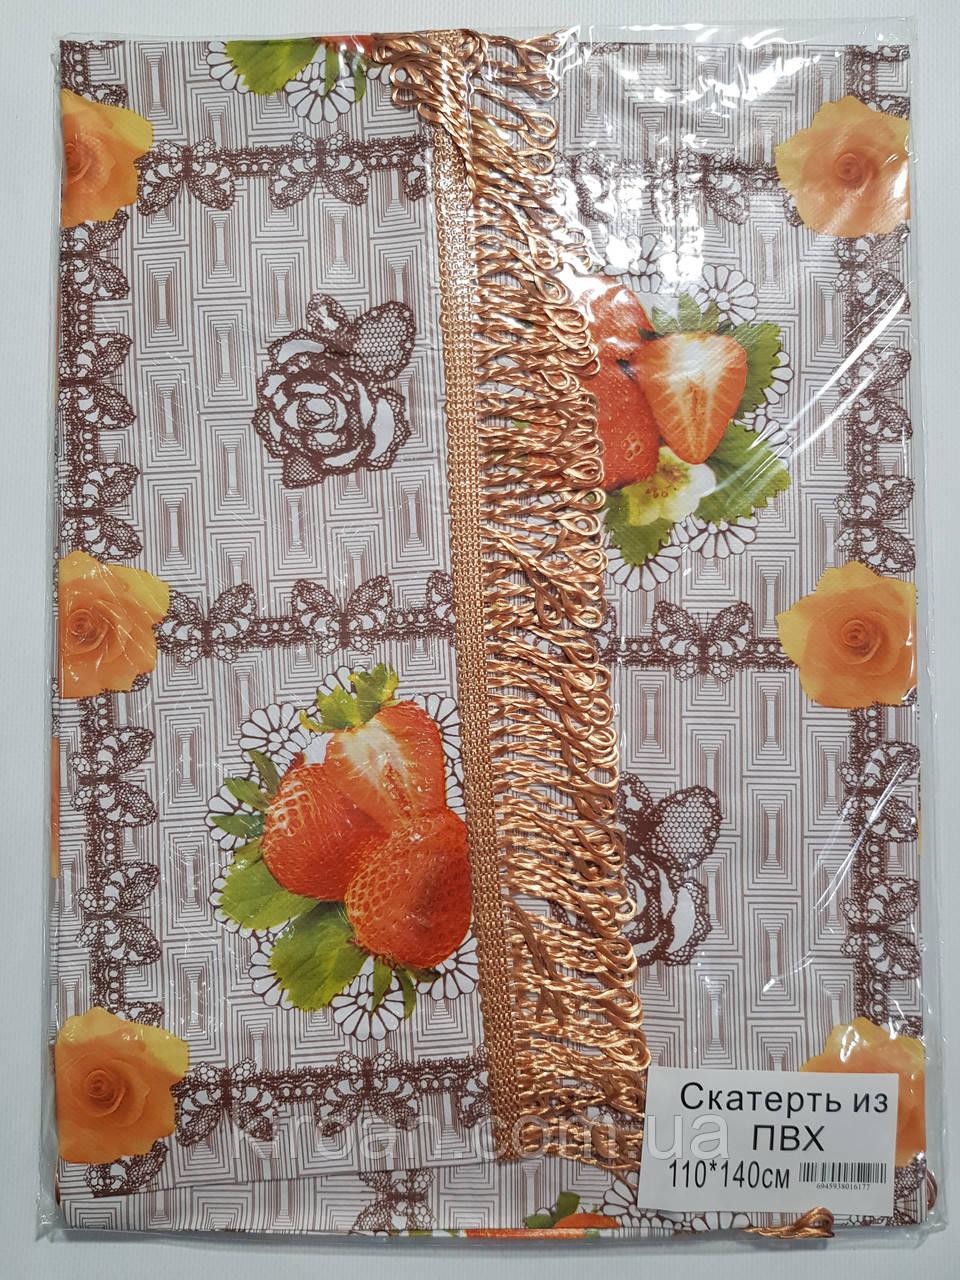 Клеенчатая скатерть с бахромой на кухонный стол 80х130см (клубника)